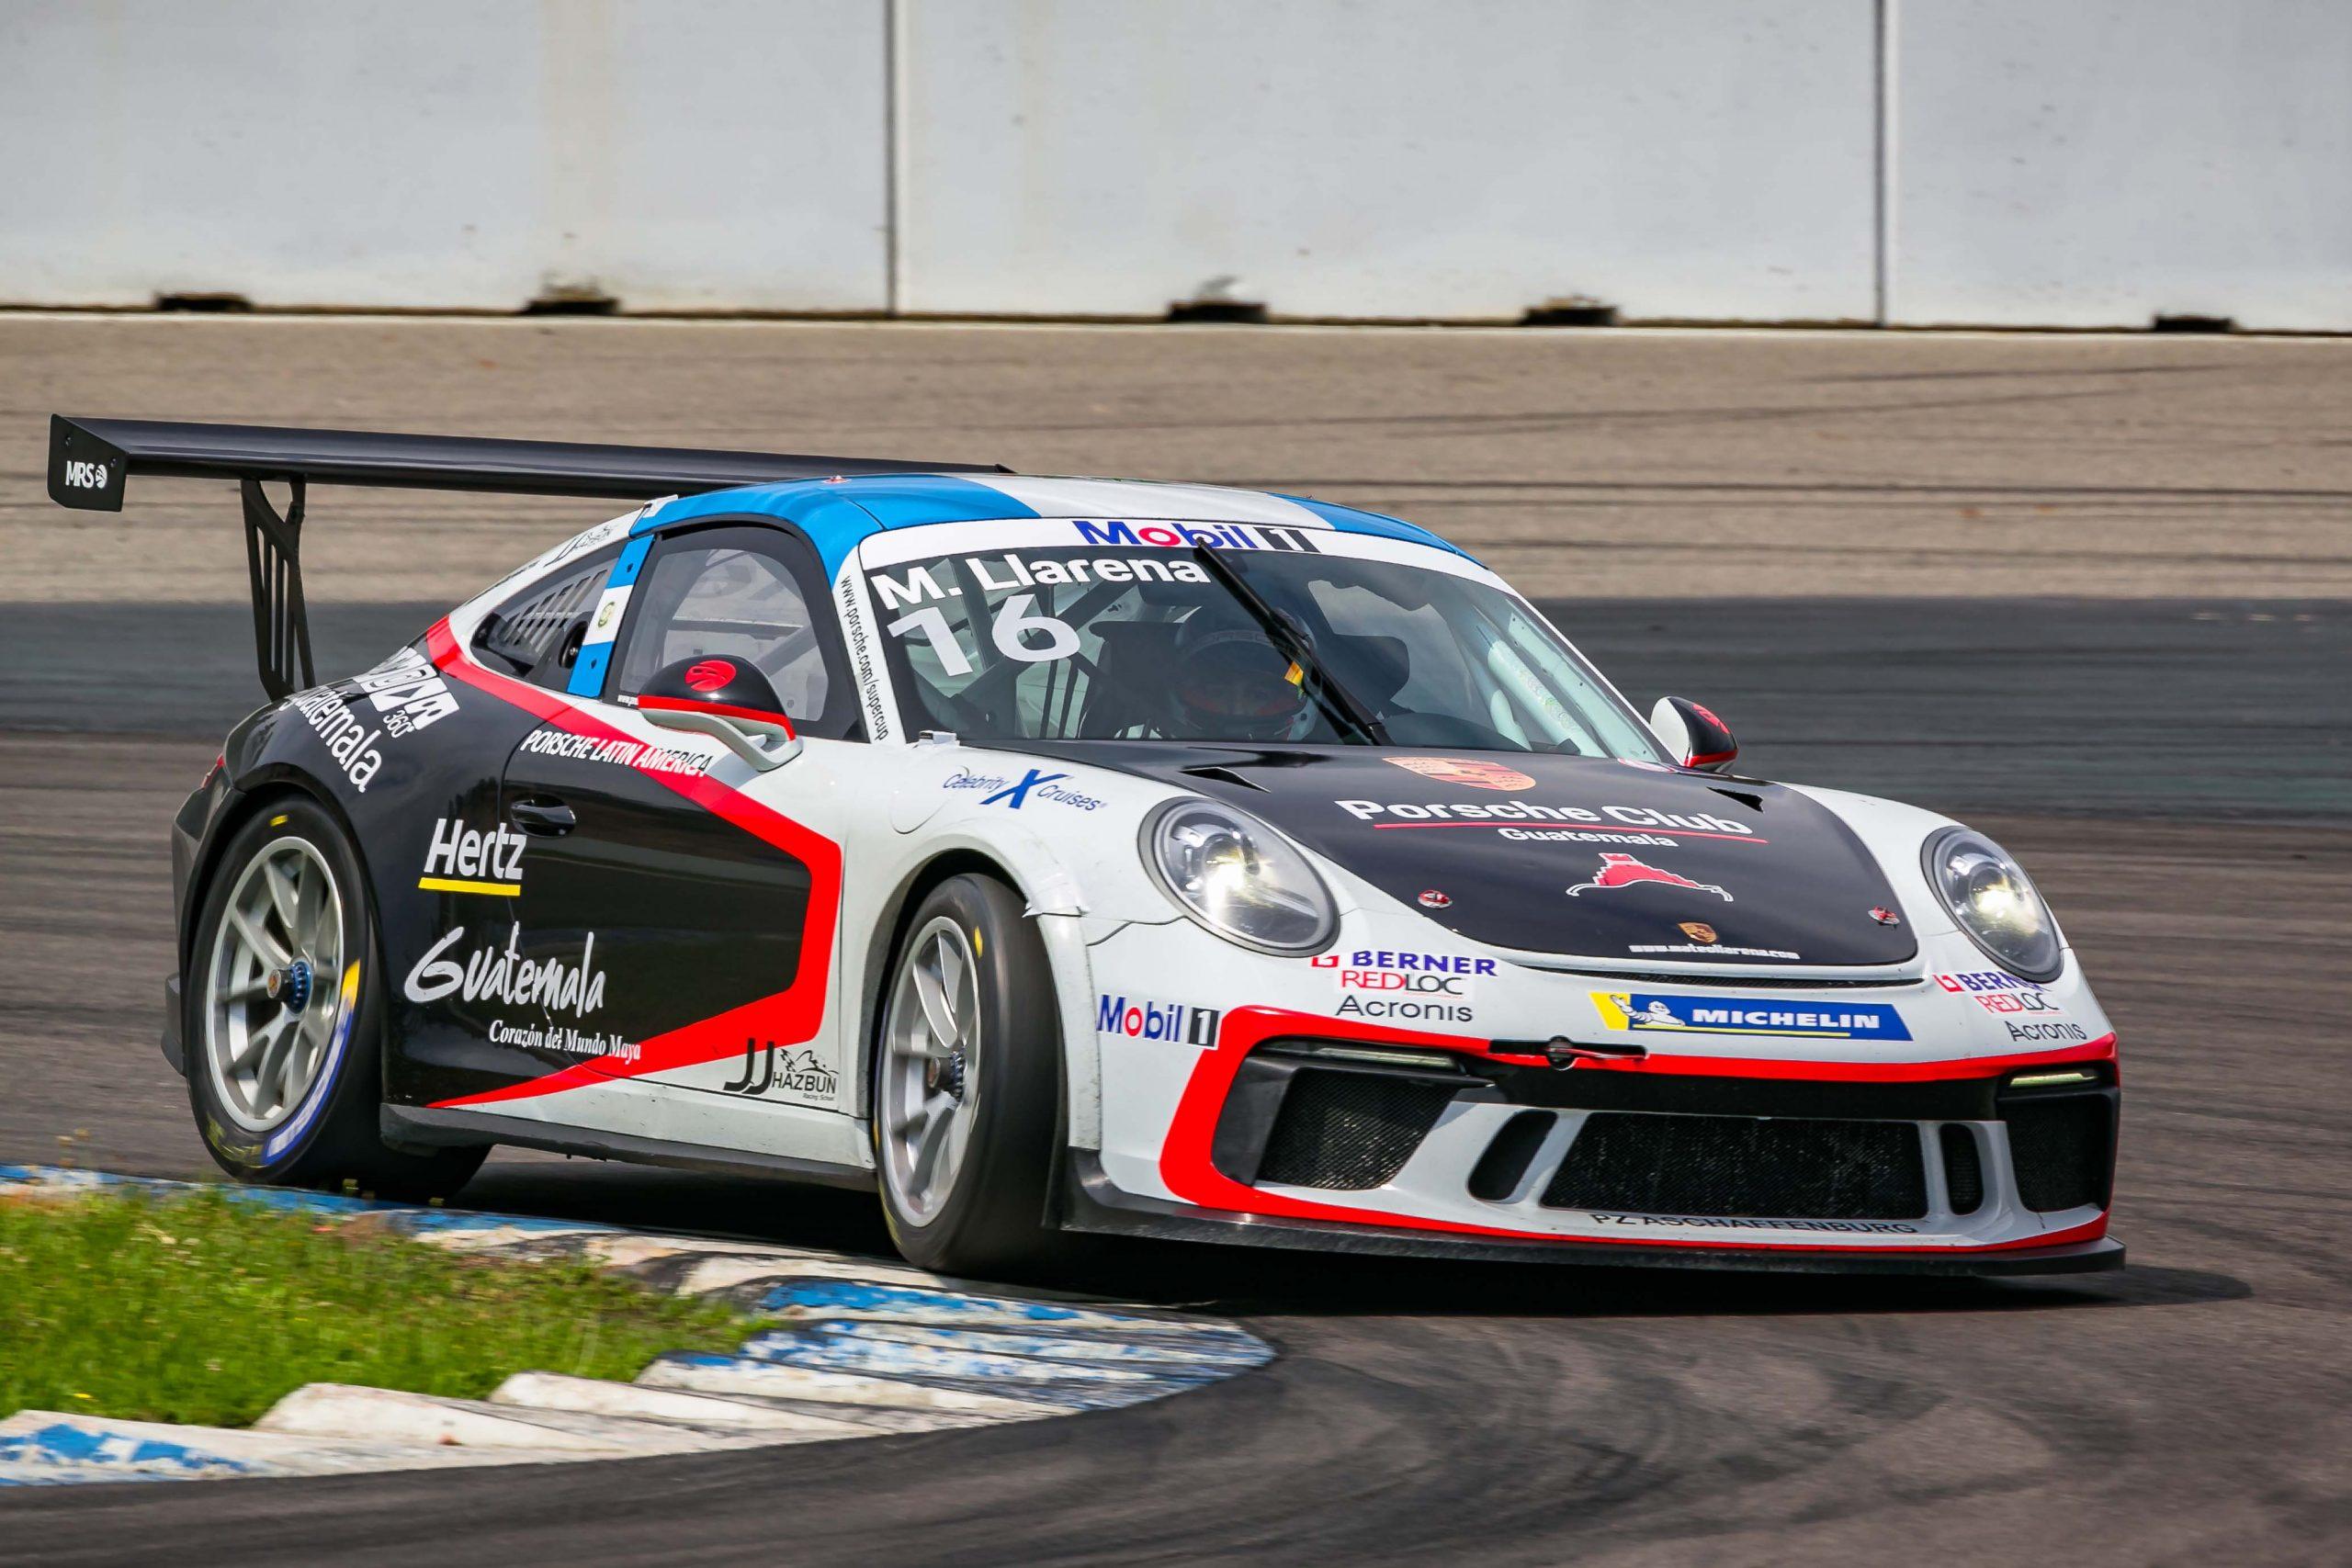 Este es el Porsche 911 GT3 Cup 991.2 de última generación con 485 caballos de potencia que conduce el piloto guatemalteco Mateo Llarena. (Foto: Cortesía)